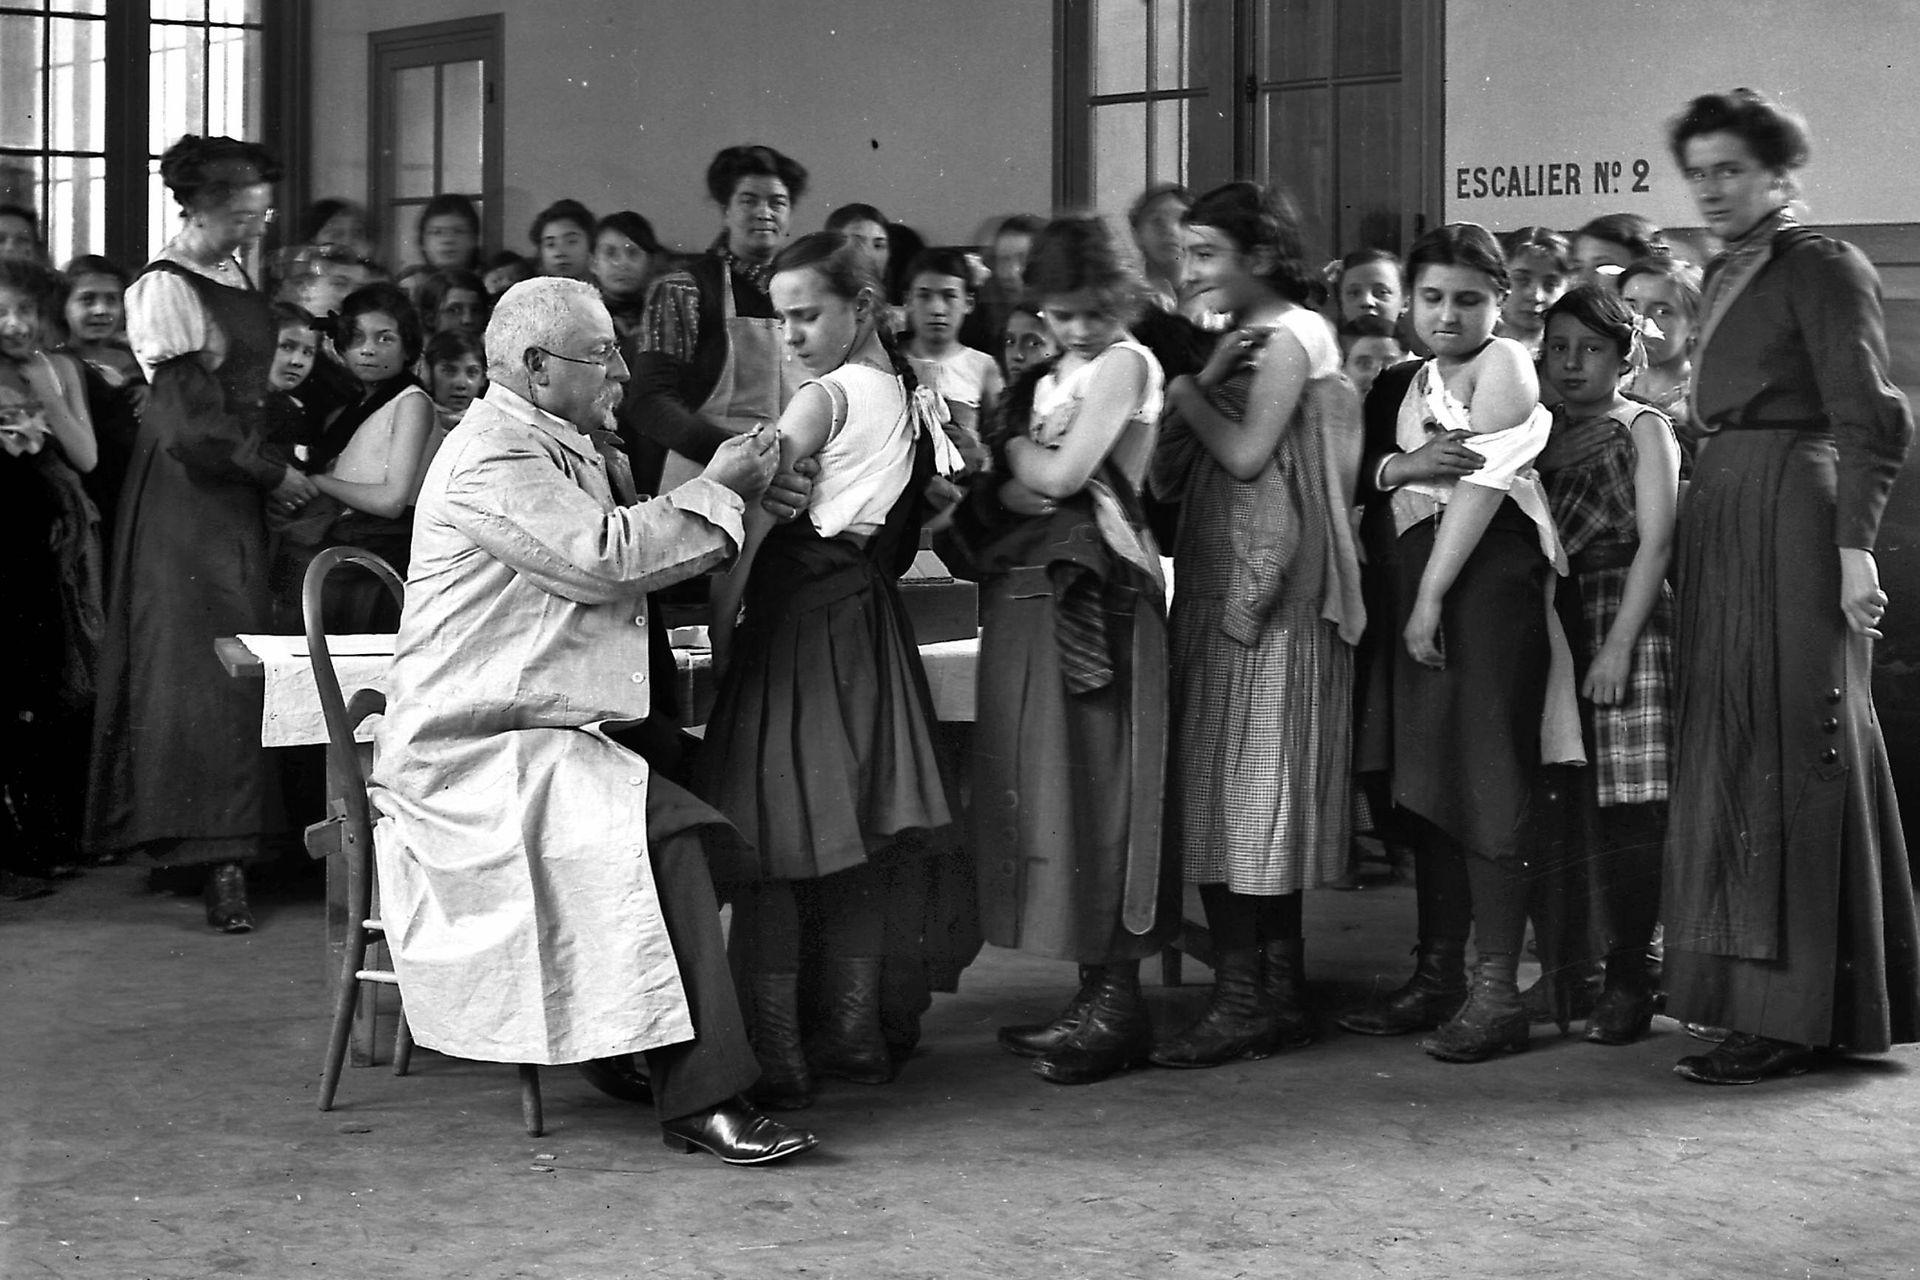 Niños en una escuela en Francia en 1900, ningún avance médico ha tenido tanto impacto como las vacunas